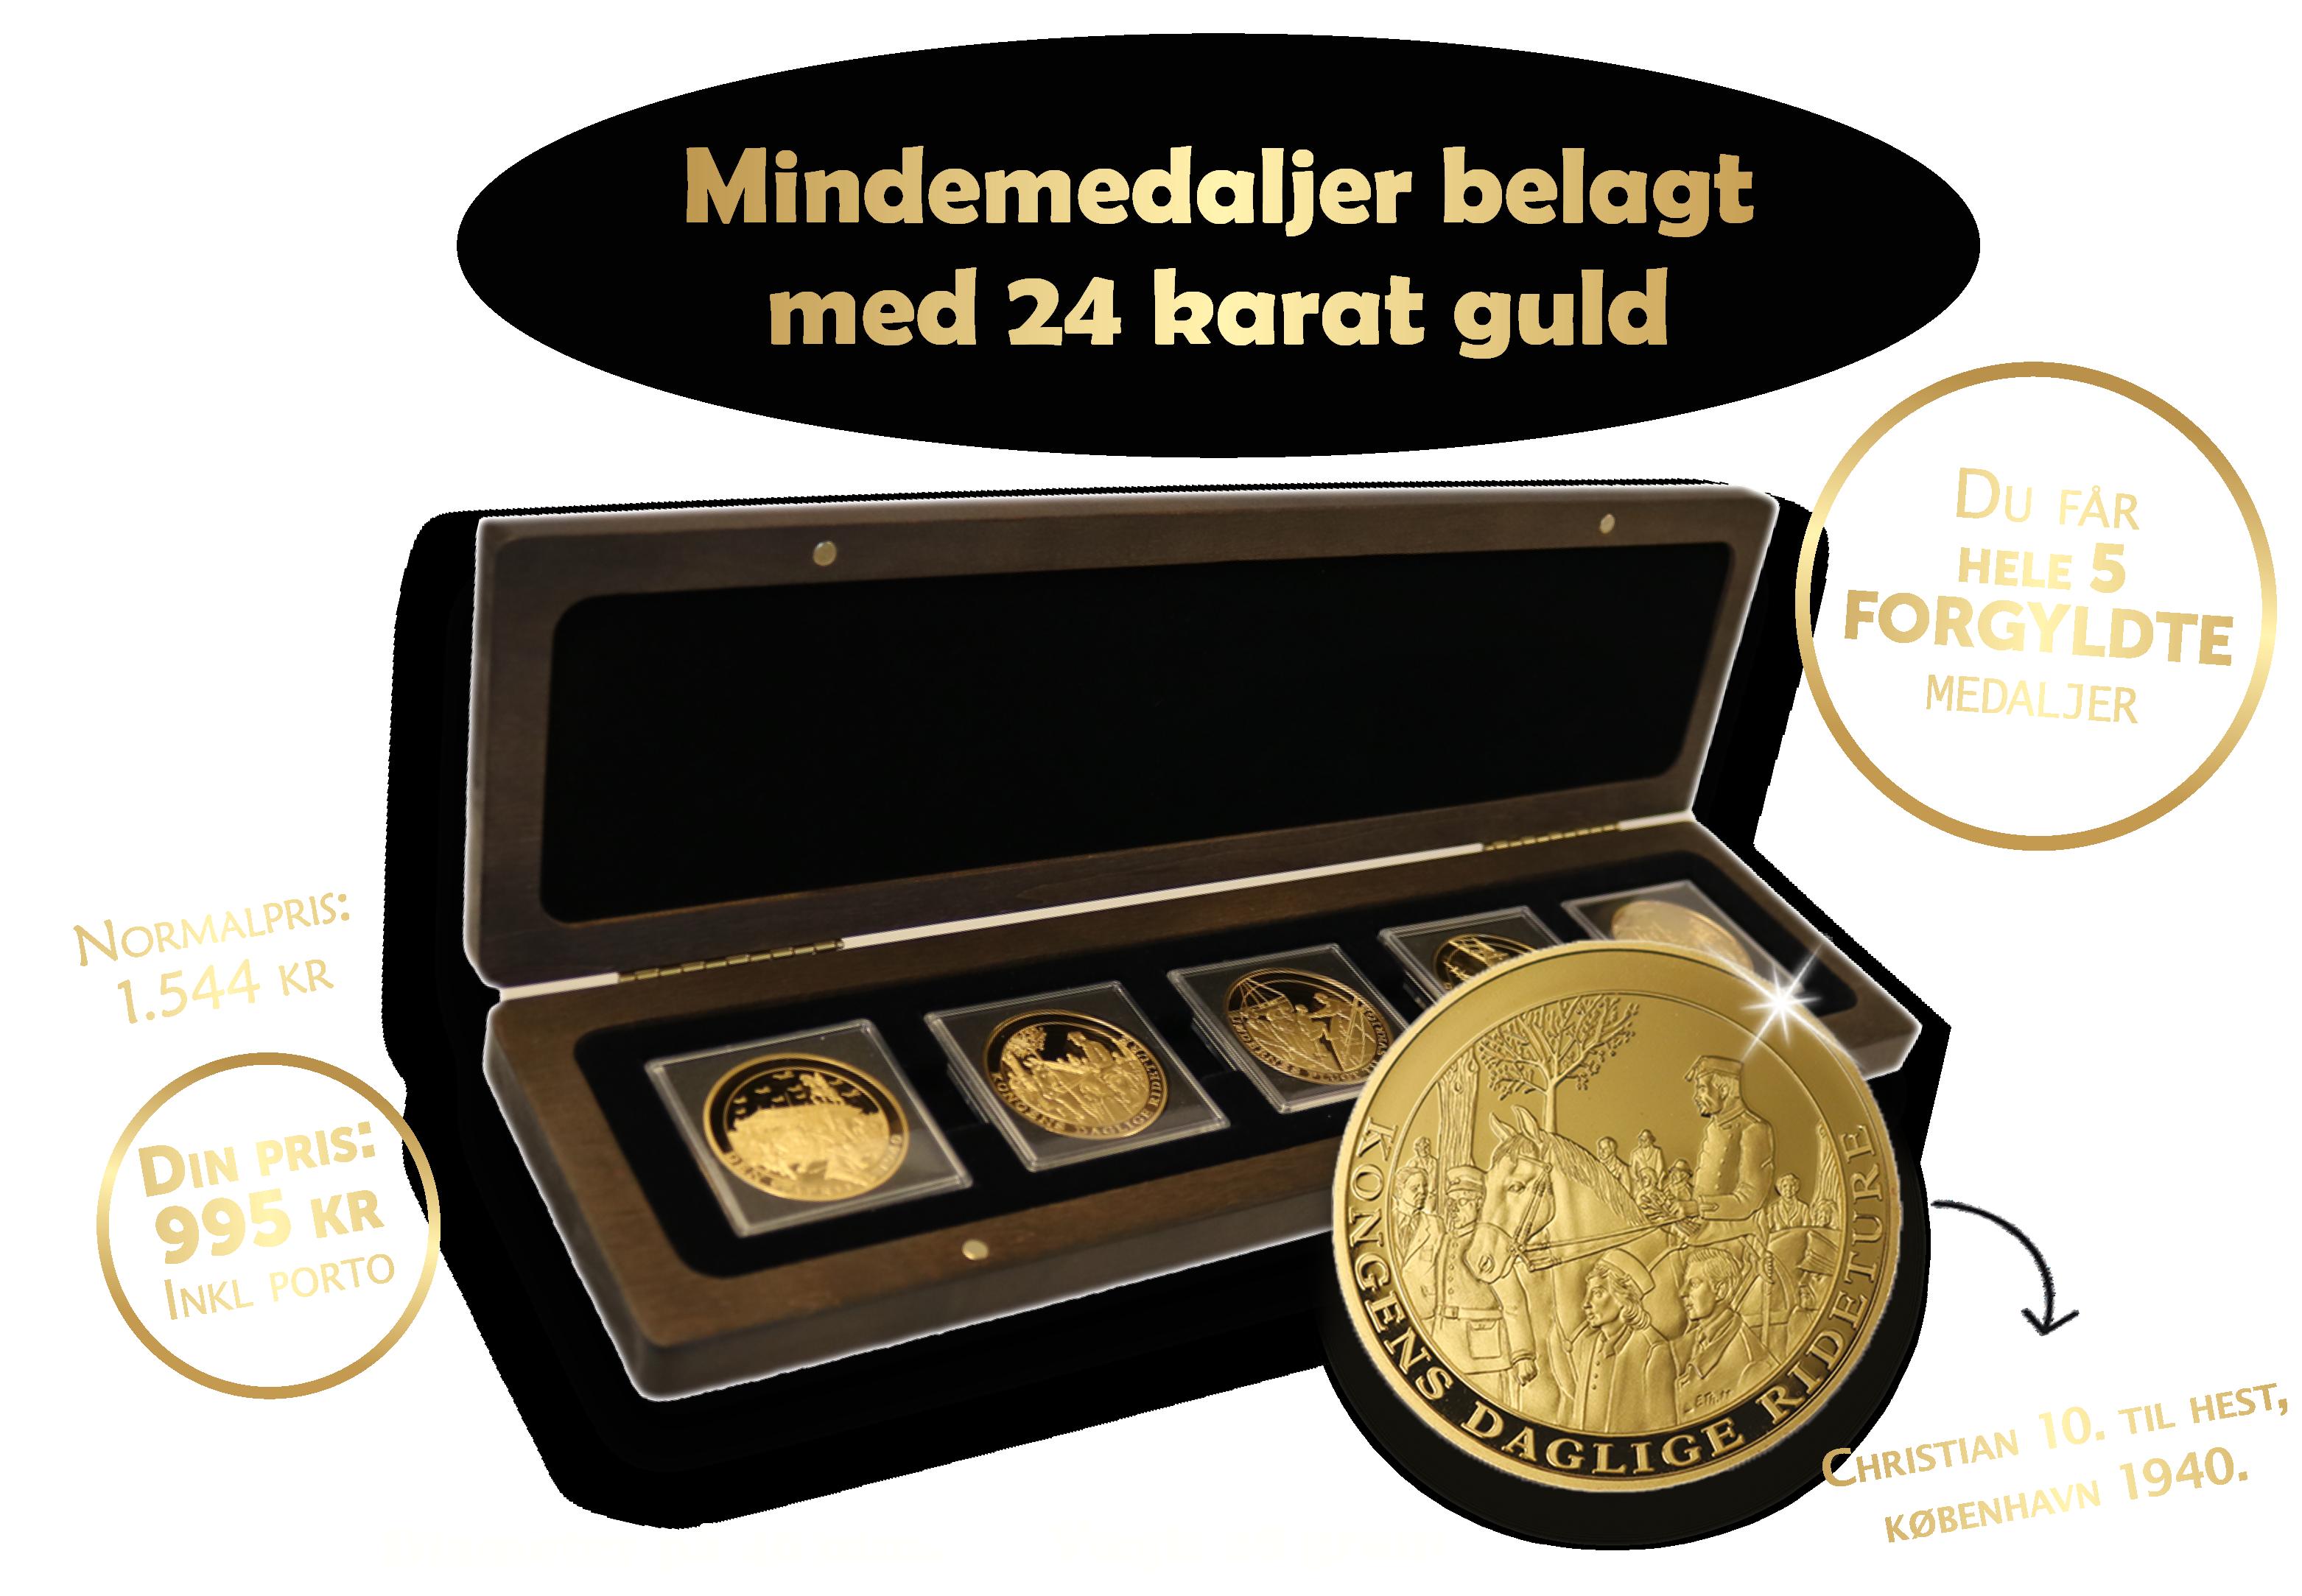 Danmark Under Besættelsen - 5 mindemedaljer belagt med 24 karat guld – kun 995 kr!